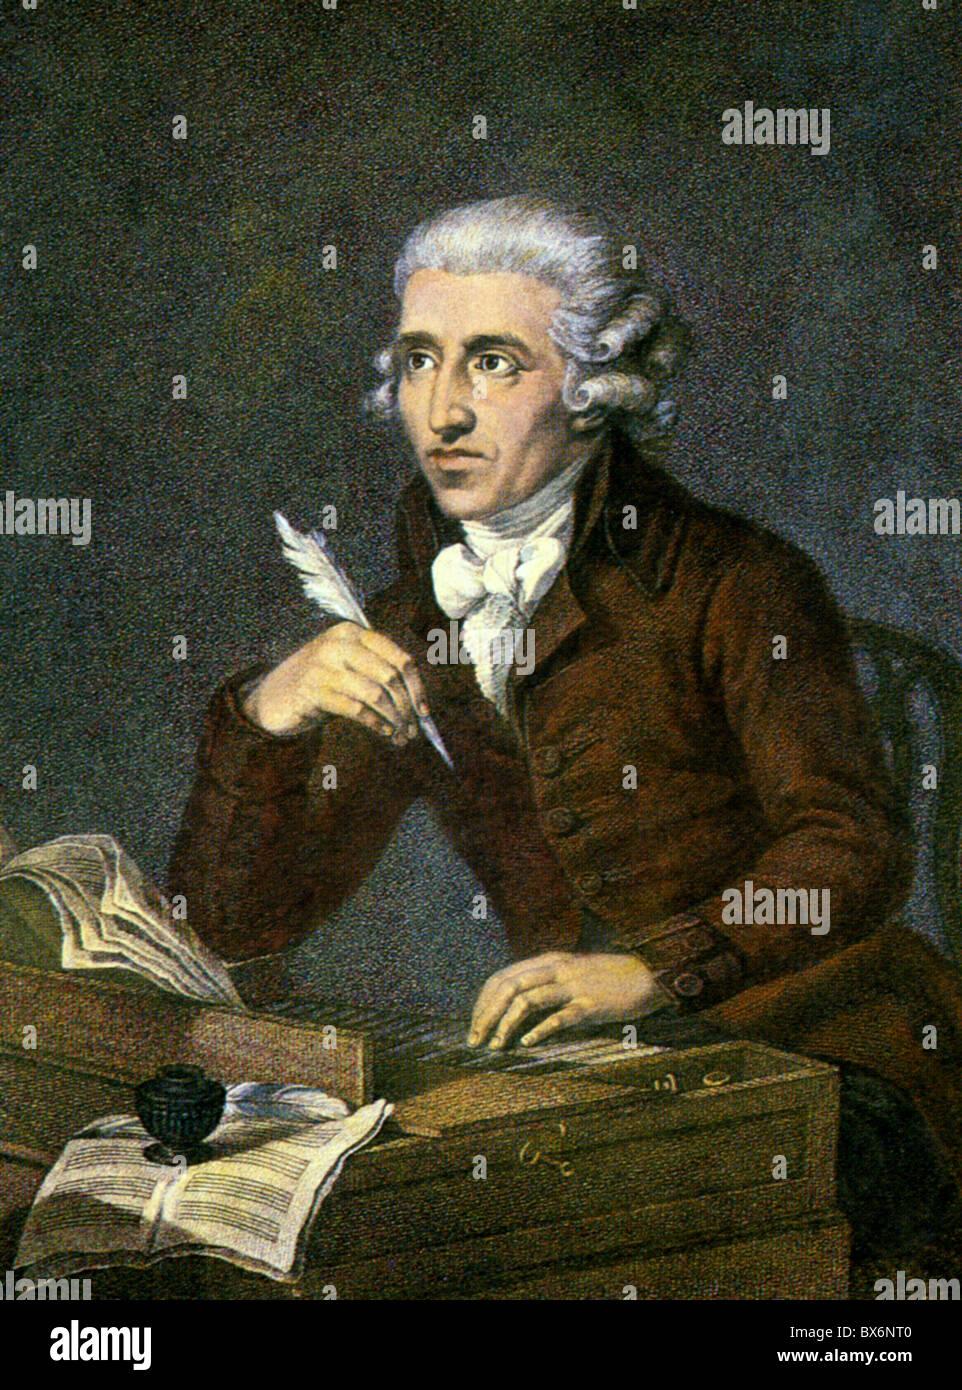 Haydn, Joseph, 31.3.1732 - 31.5.1809, compositor austríaco, de longitud media, imprimir después de pintar Imagen De Stock